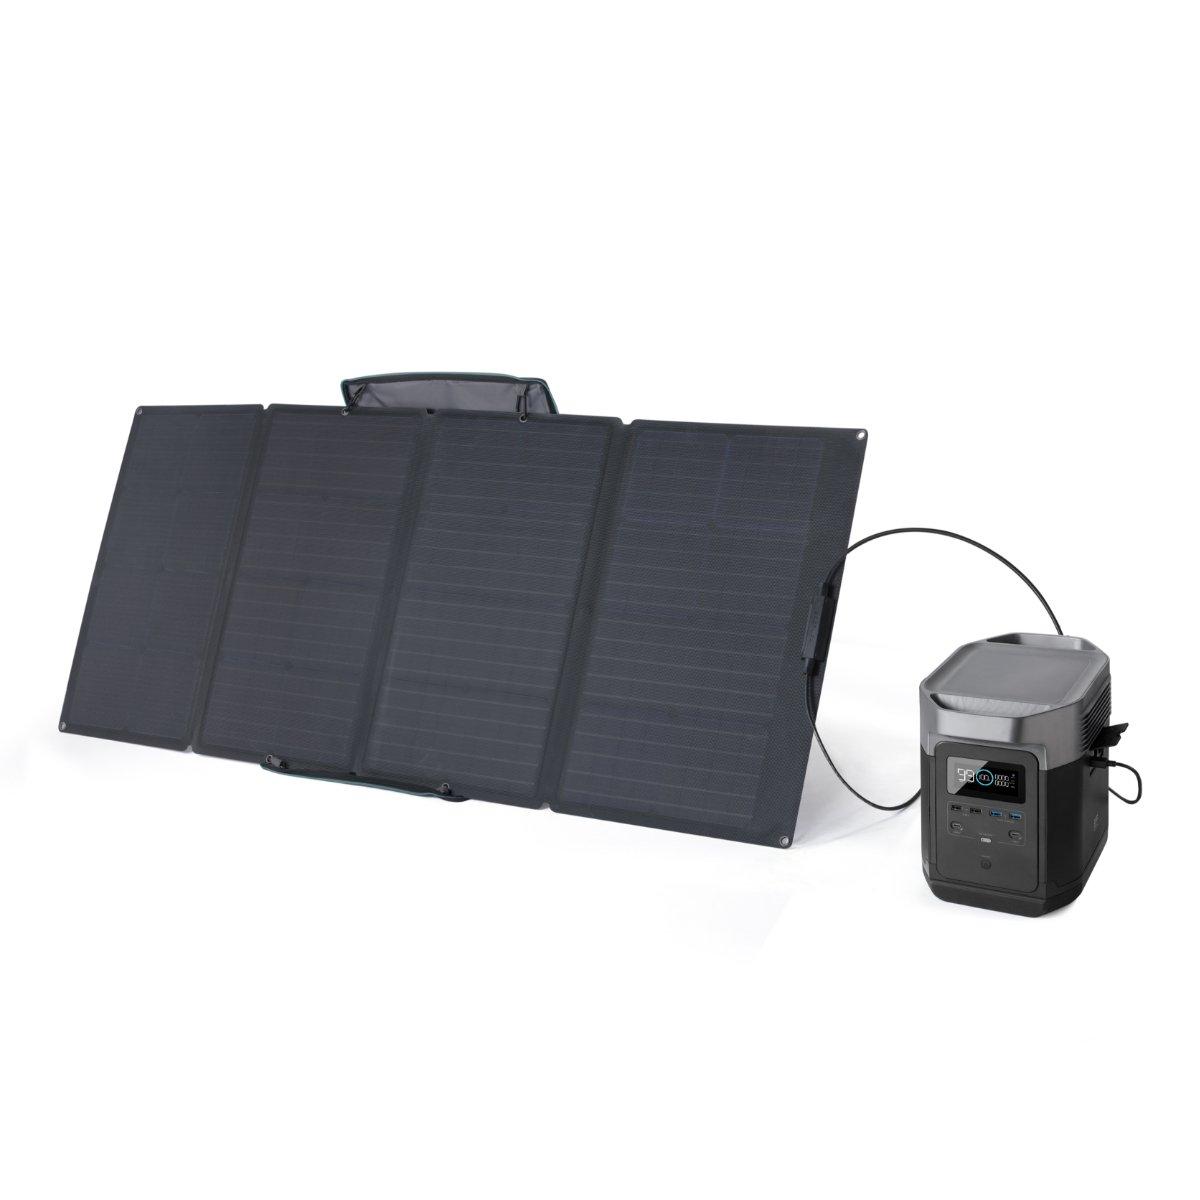 ECOFLOW DELTA 1300 + SOLARPANEL BUNDLE - PORTABLE POWER STATION - EU-VERSION